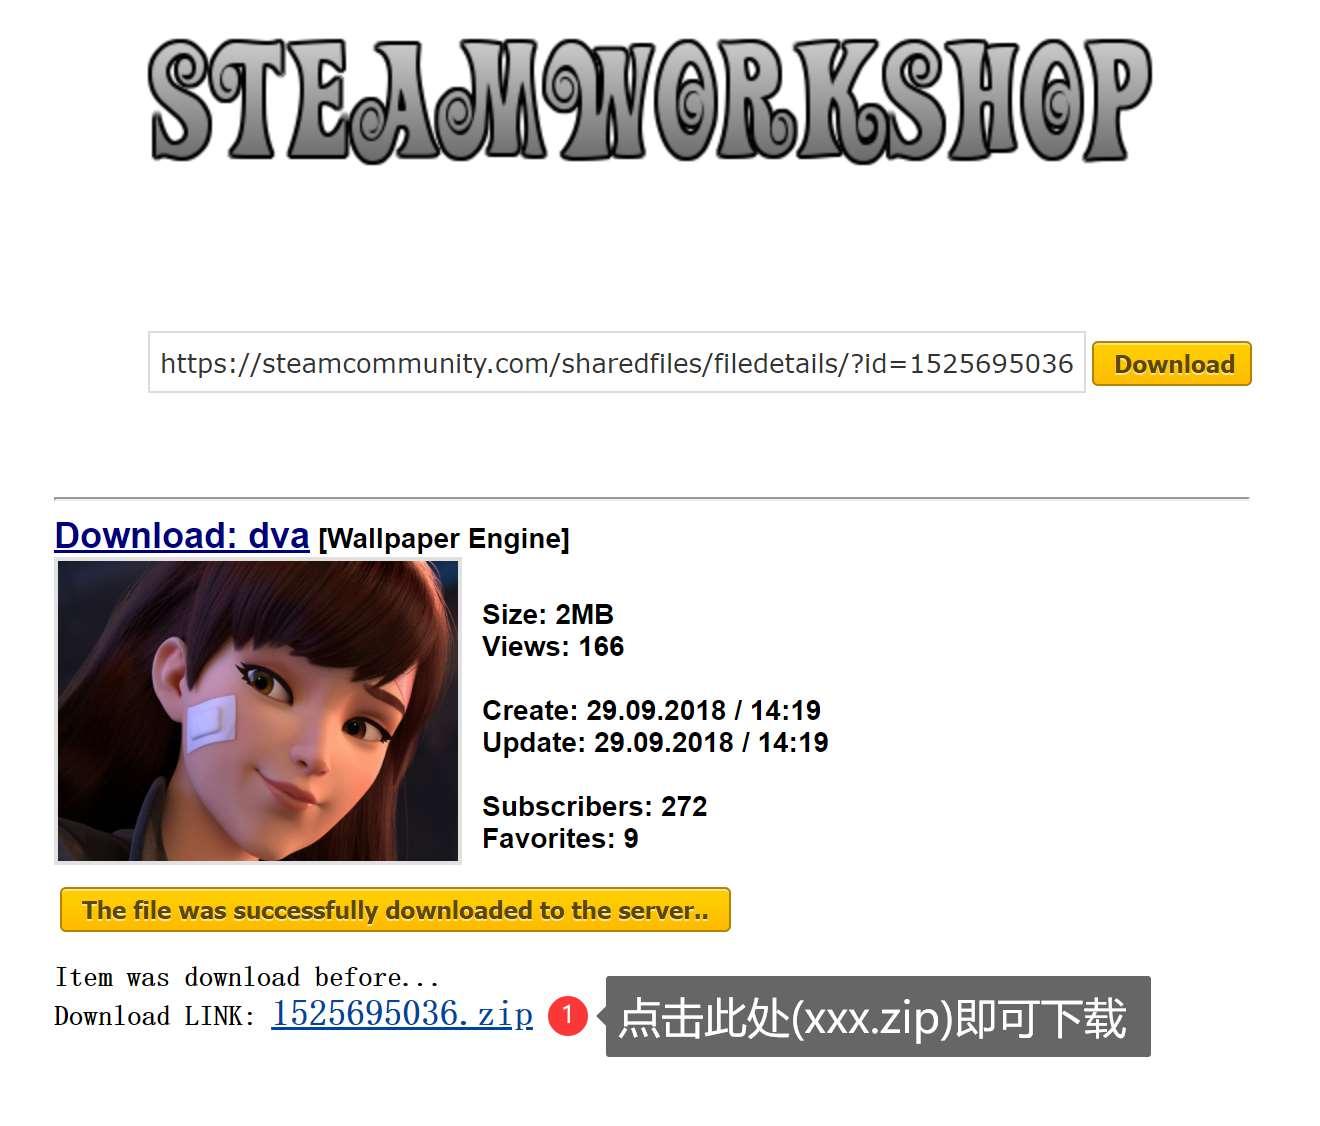 免费下载Steam里WallpaperEngine壁纸软件创意工坊的内容的教程